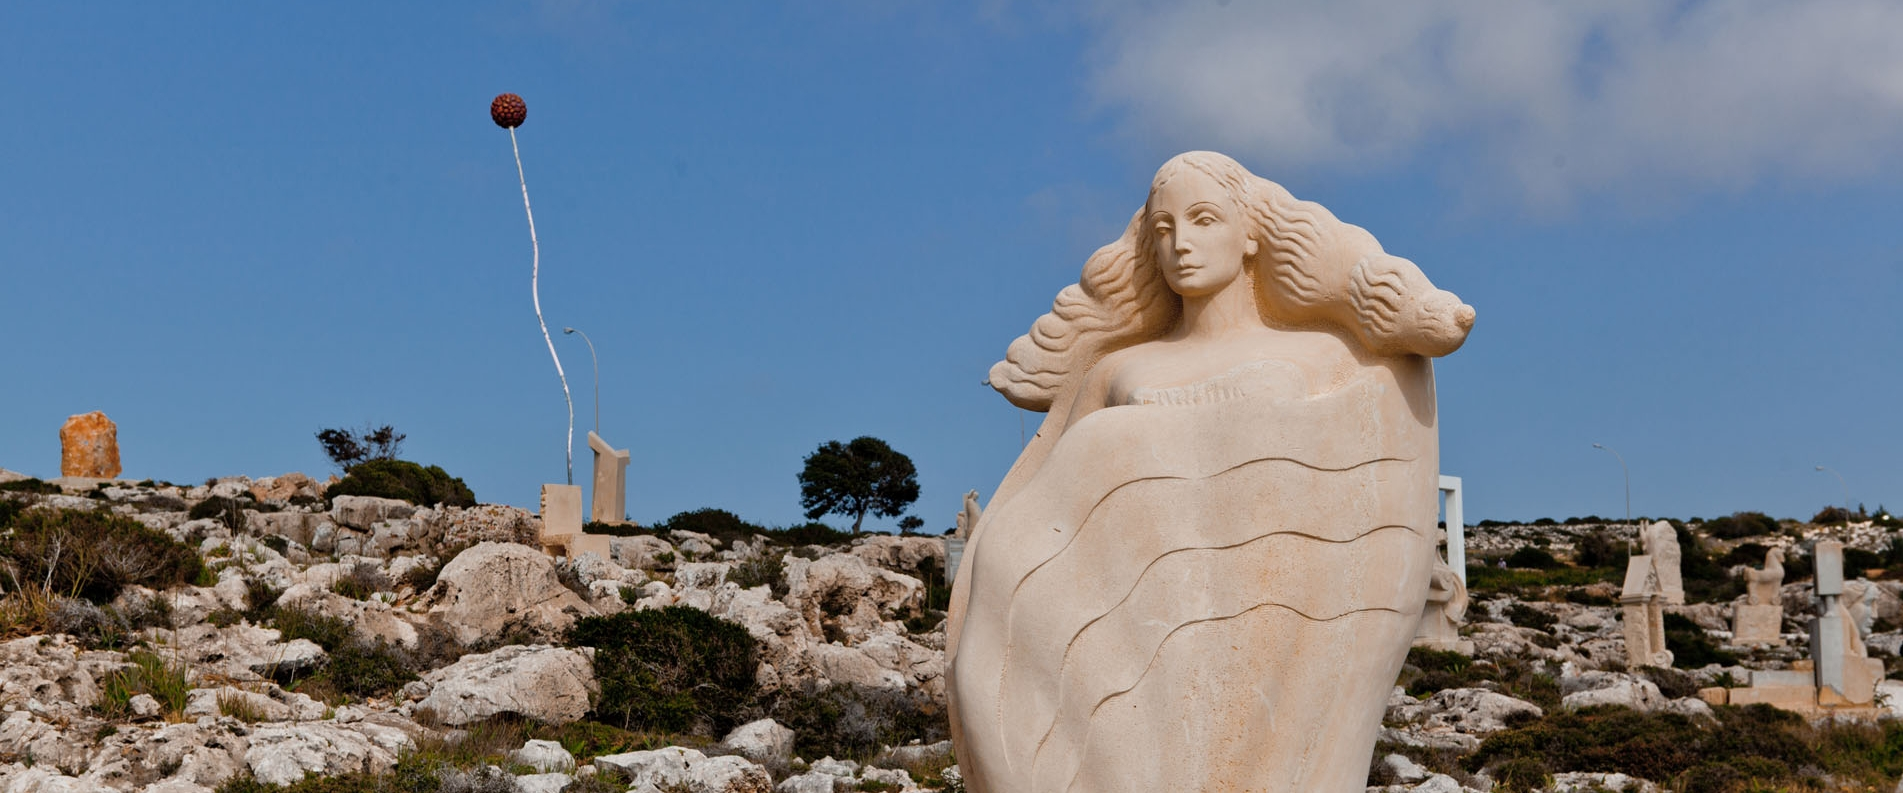 Где погулять в Айя Напе: Парк Скульптур